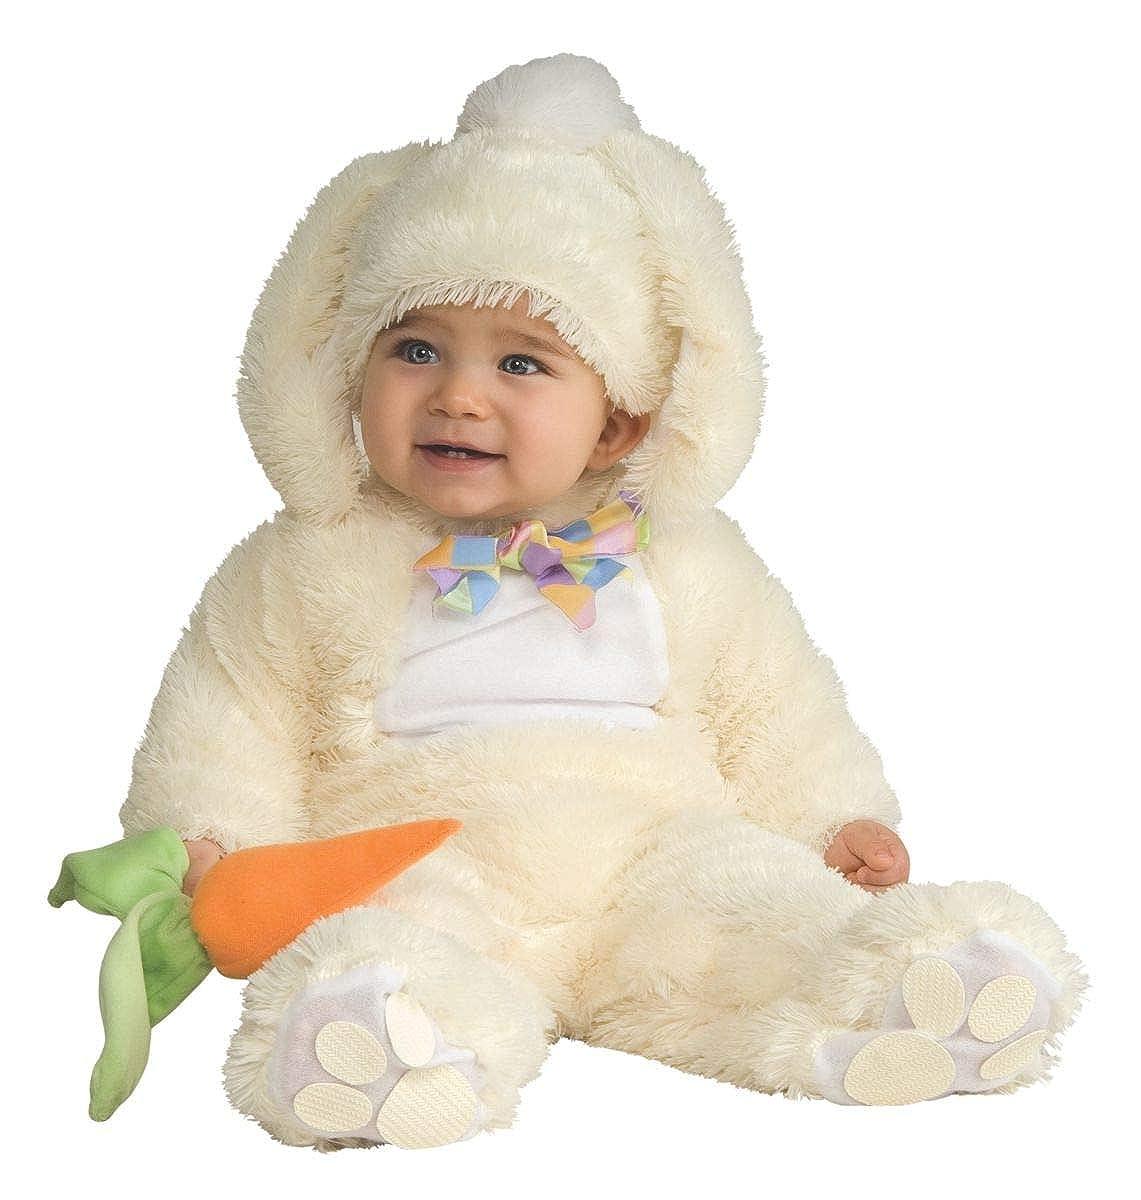 Baby Bunting Vanilla Bunny Costume